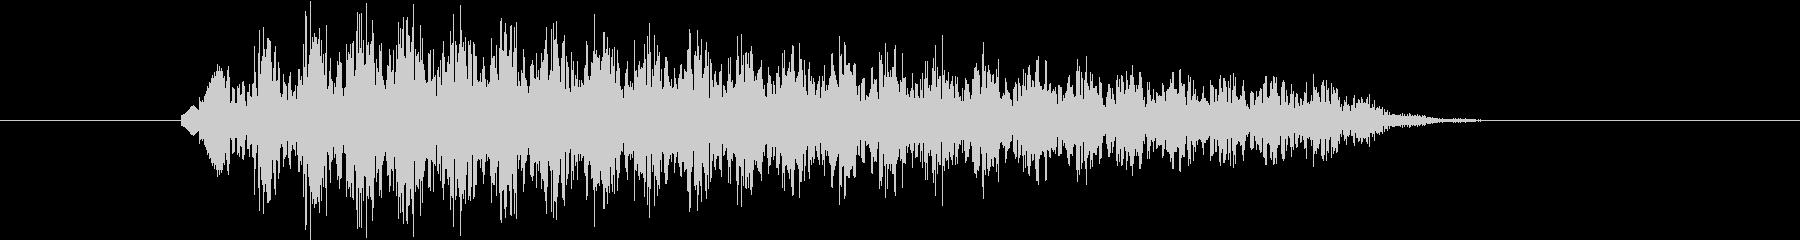 エレピの下り音の未再生の波形